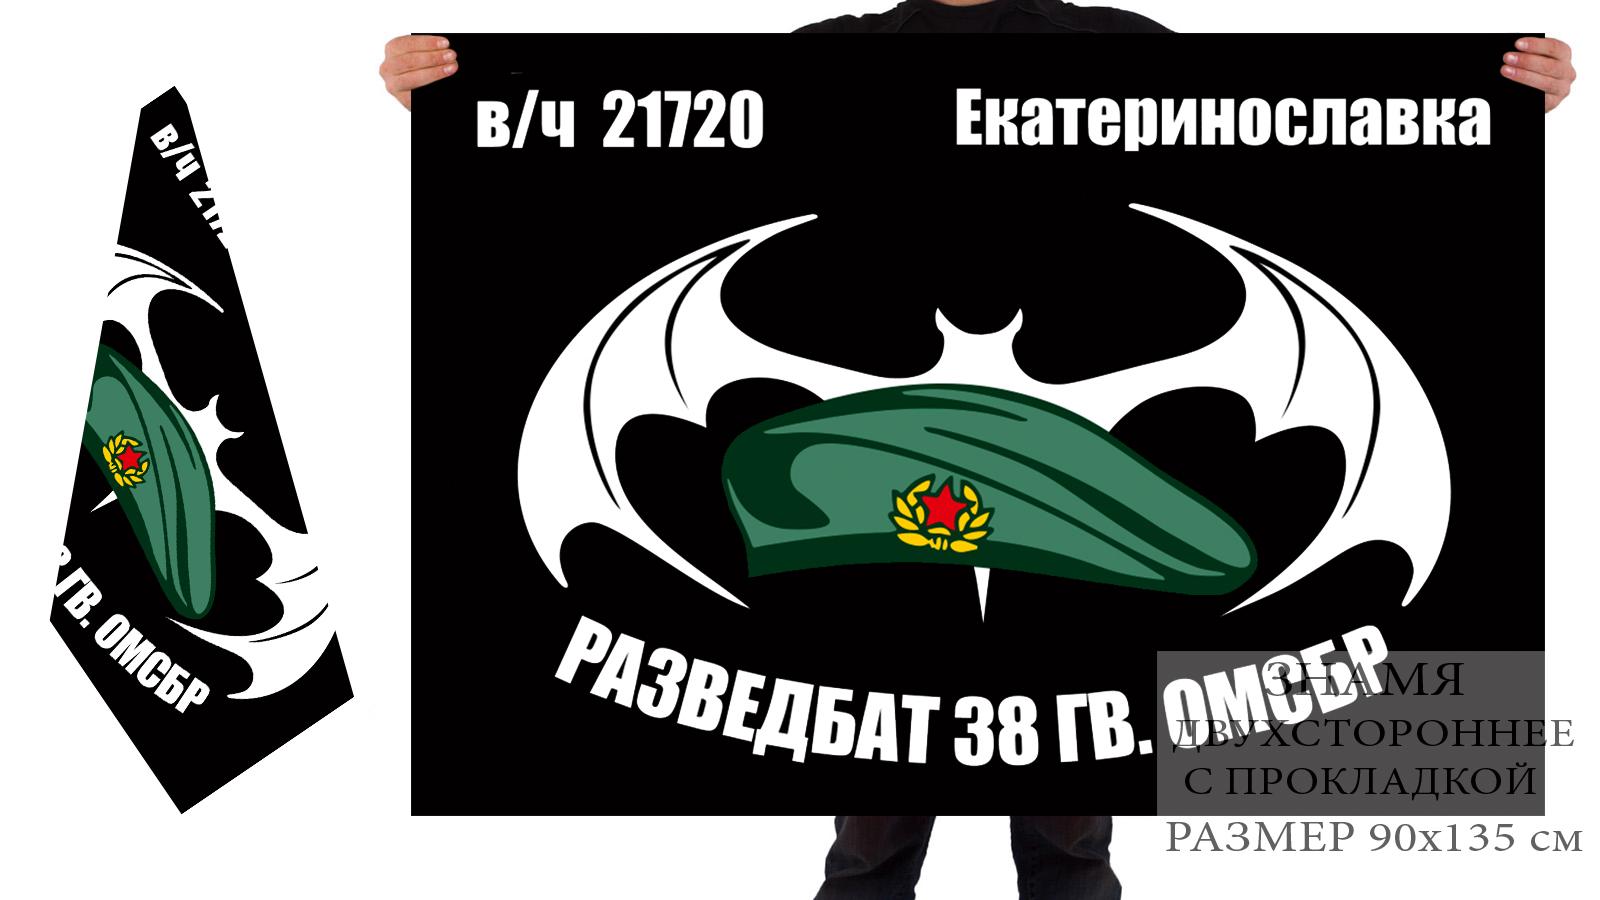 Двусторонний флаг Разведбата 38 Гв. ОМСБр